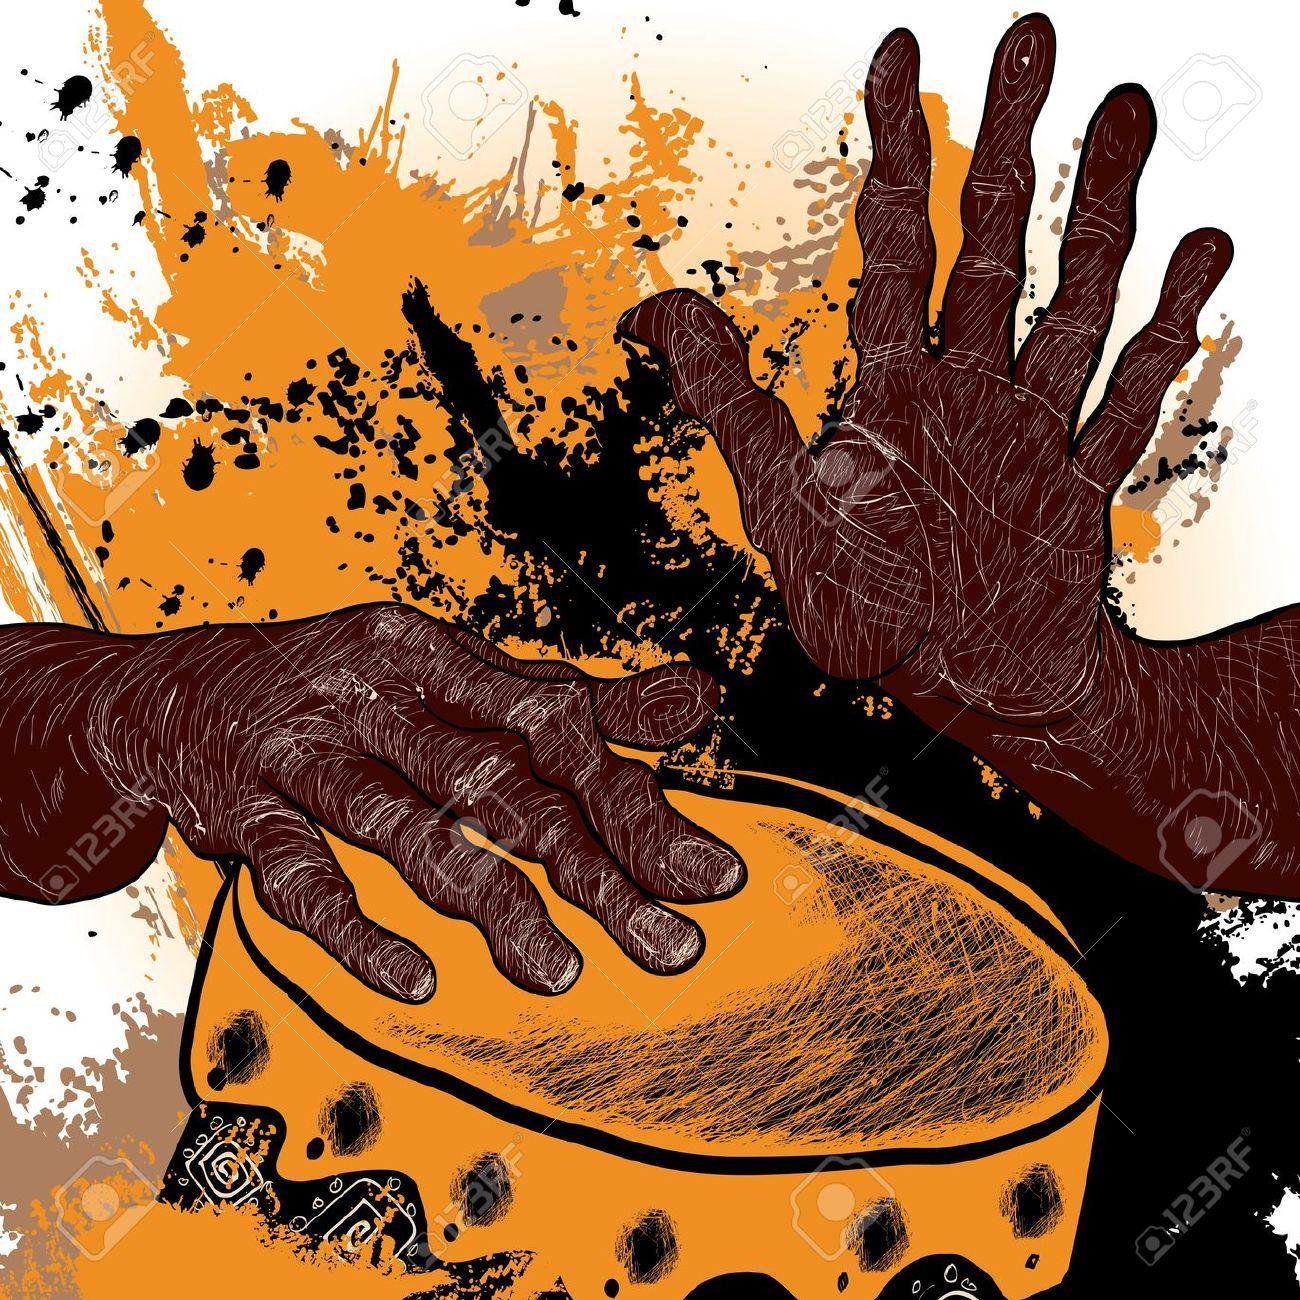 Les arts d'Afrique célébrés à Tanger